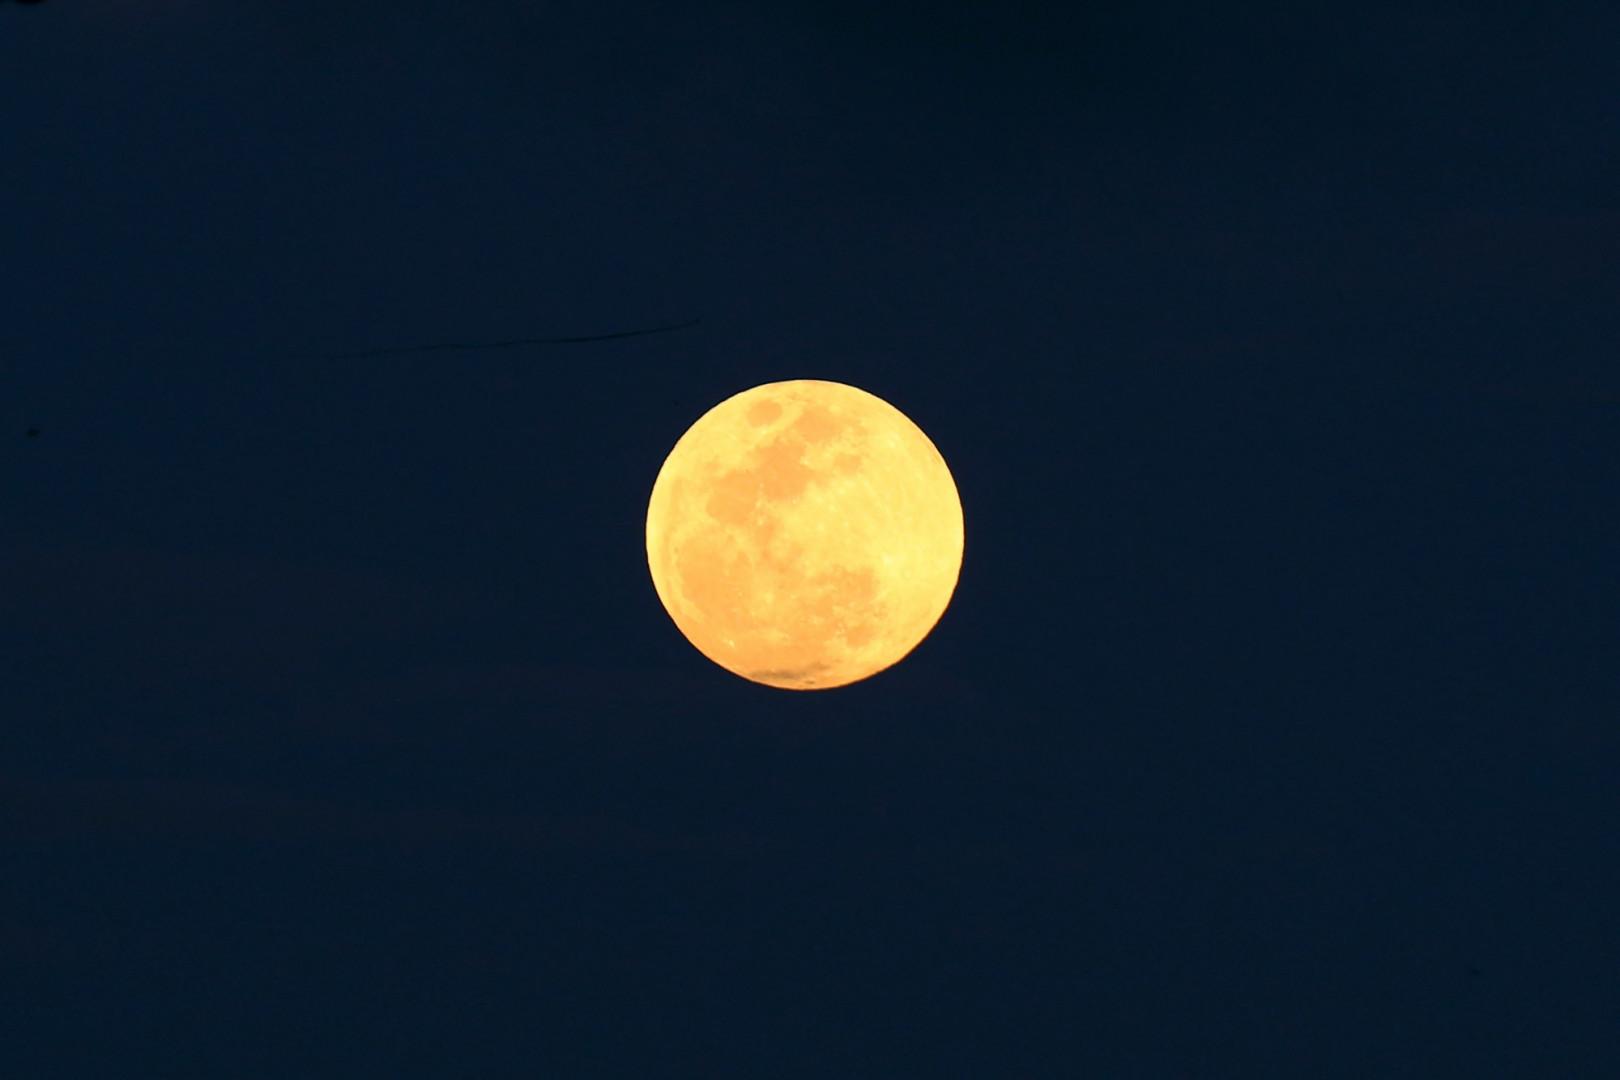 La pleine lune ce vendredi 5 juin lors de l'éclipse pénombrale à Colombo au Sri Lanka.